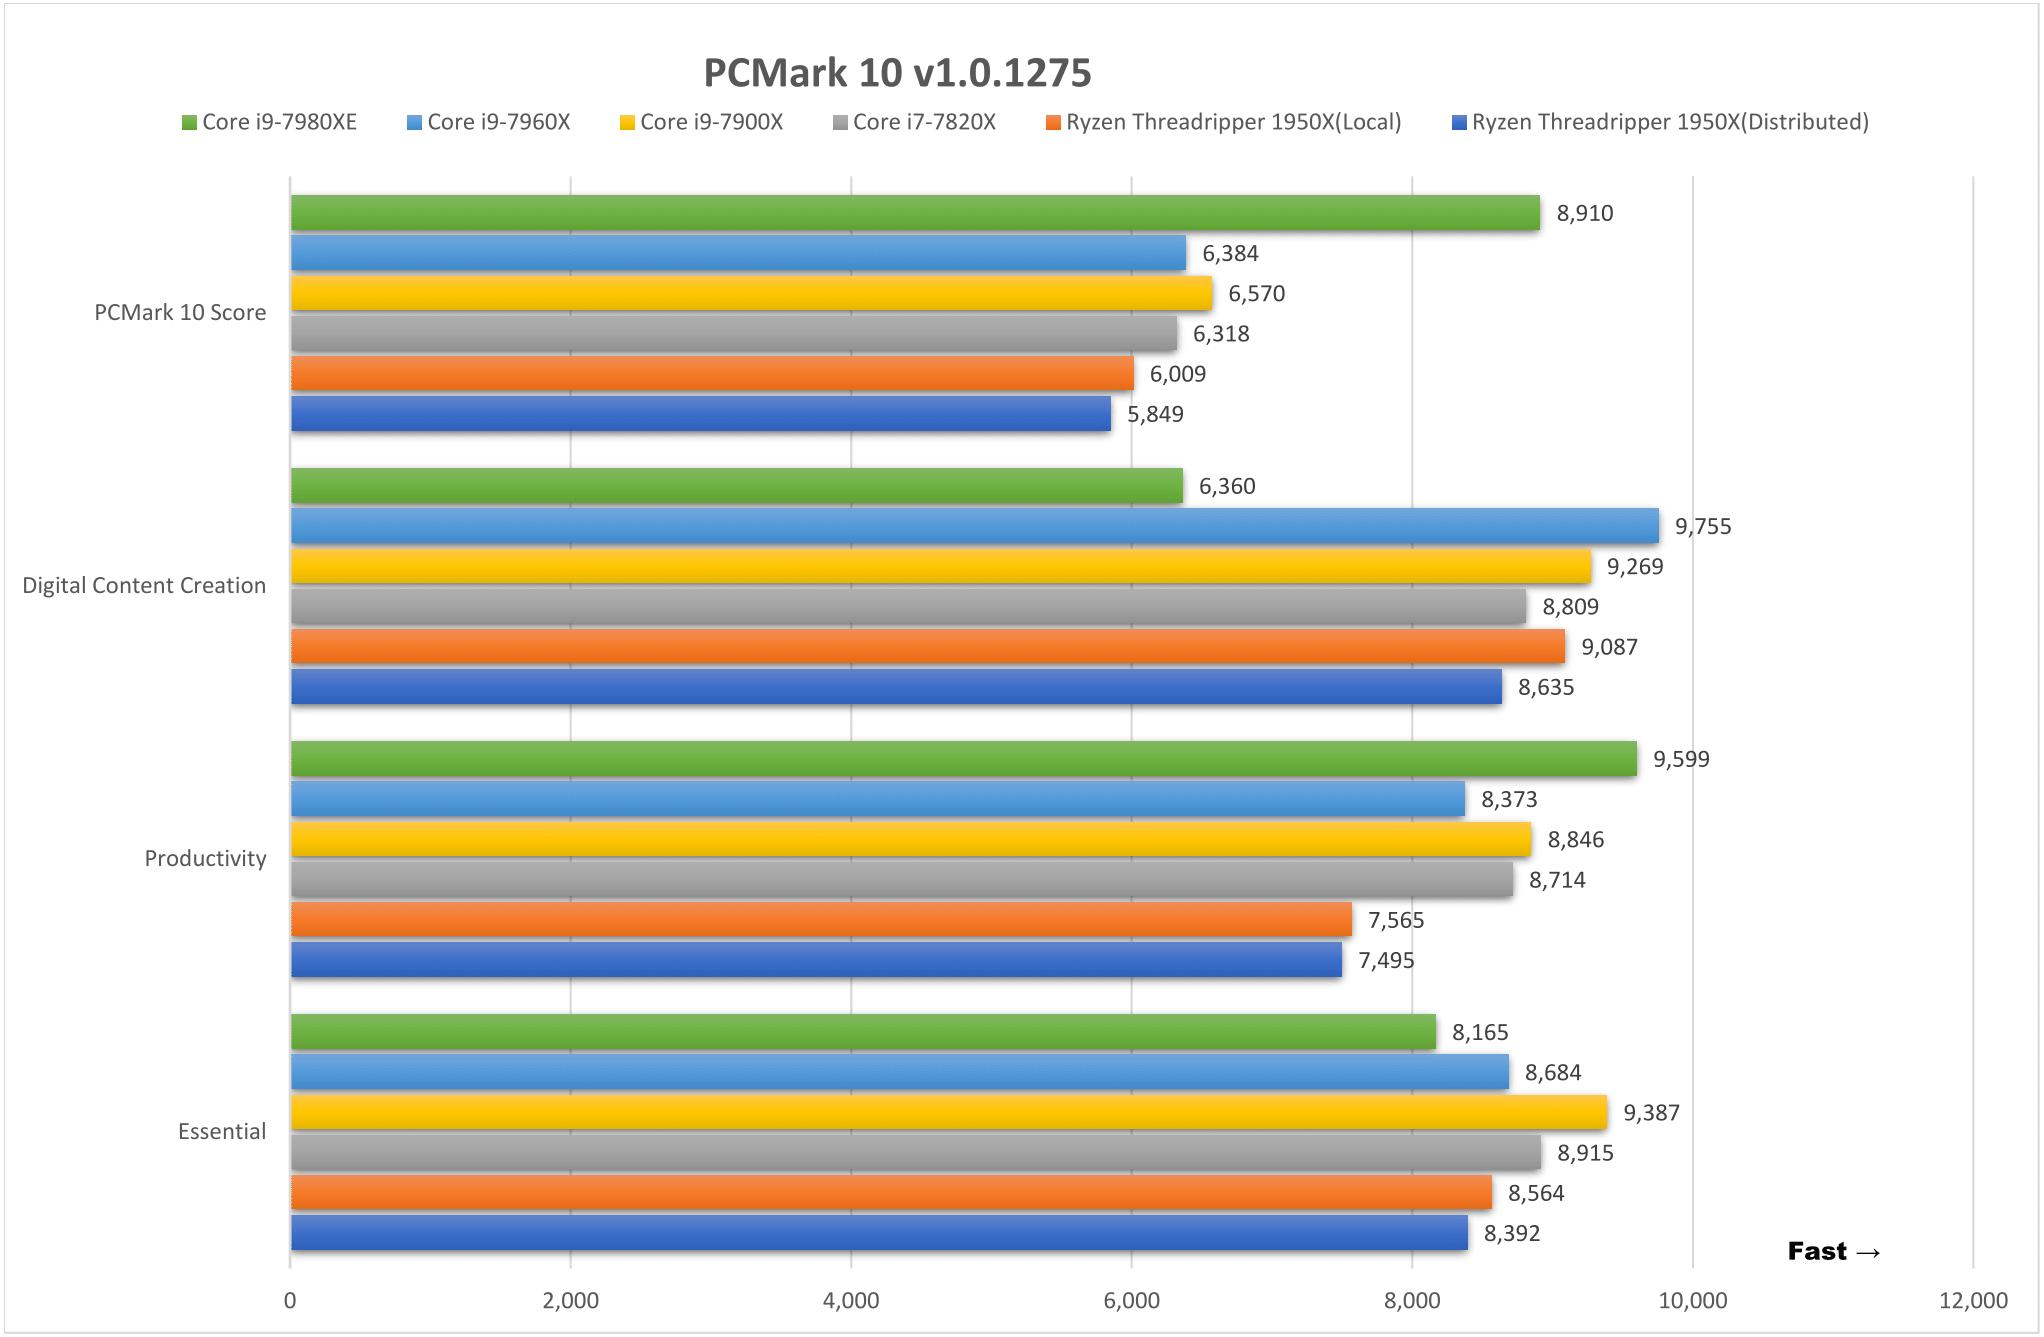 PCMark 10 v1.0.1275